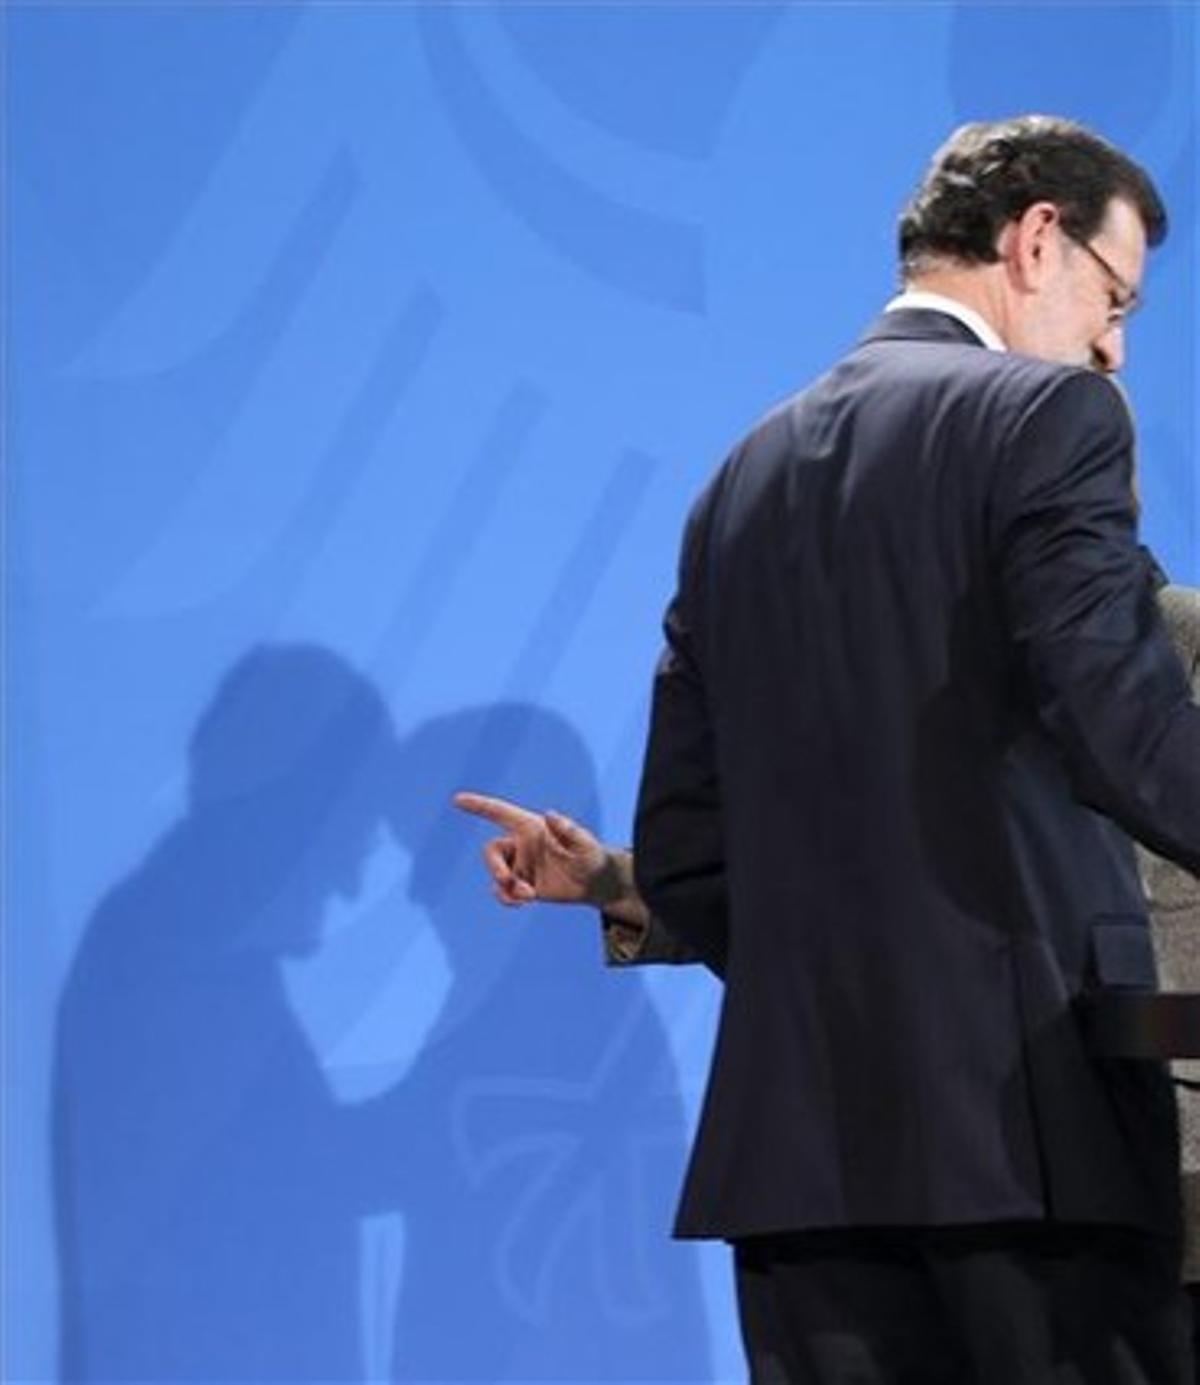 Las sombras de Rajoy y Merkel, durante su rueda de prensa del lunes, en Berlín.